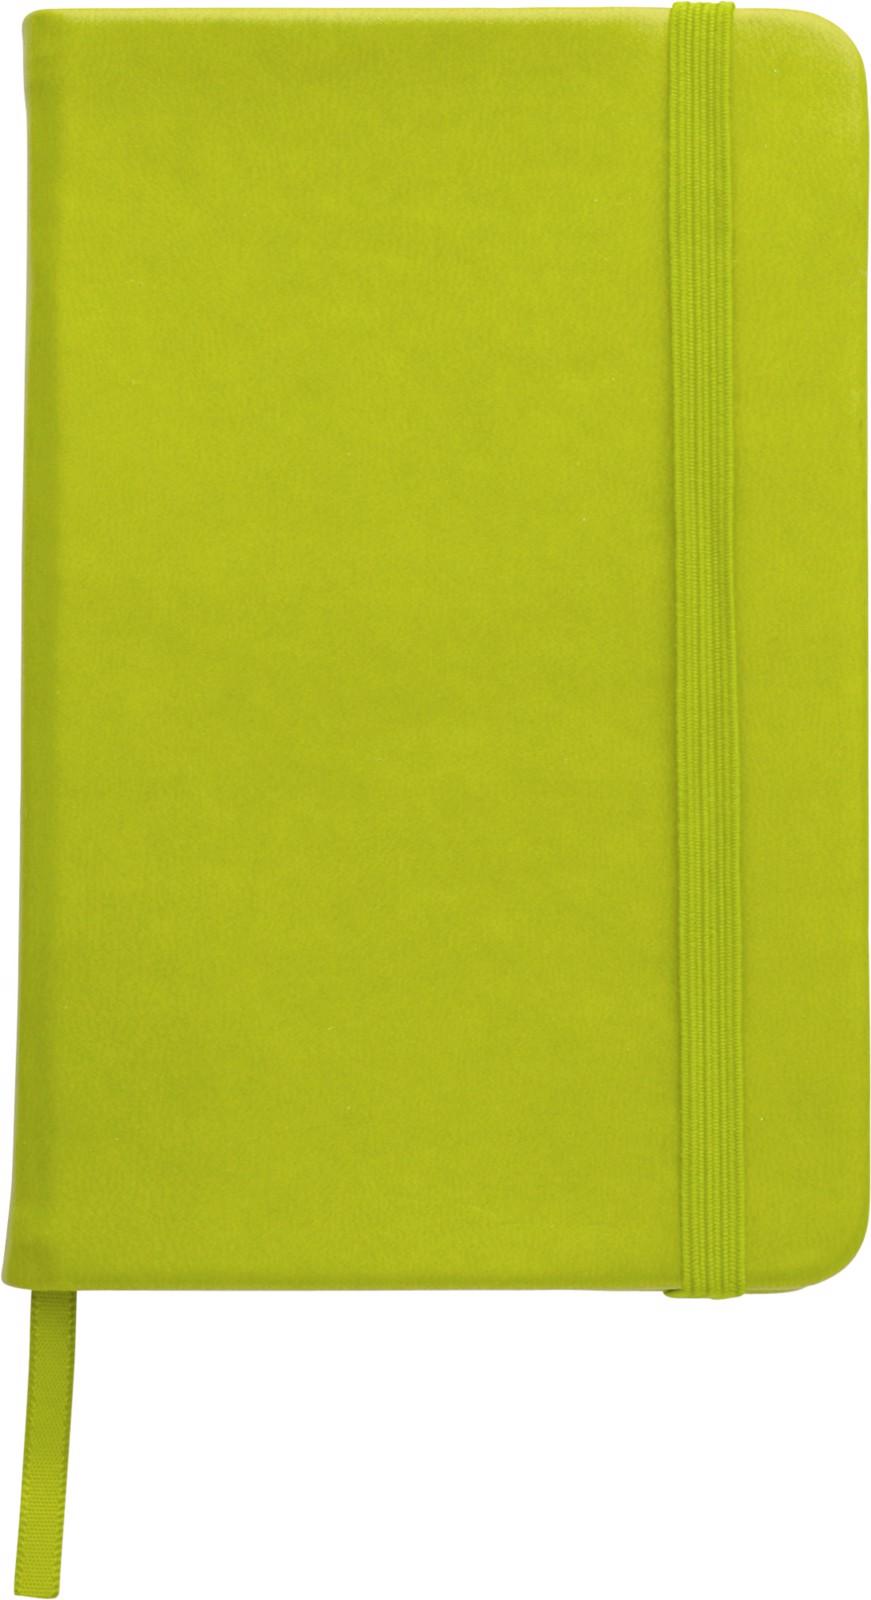 PU notebook - Light Green